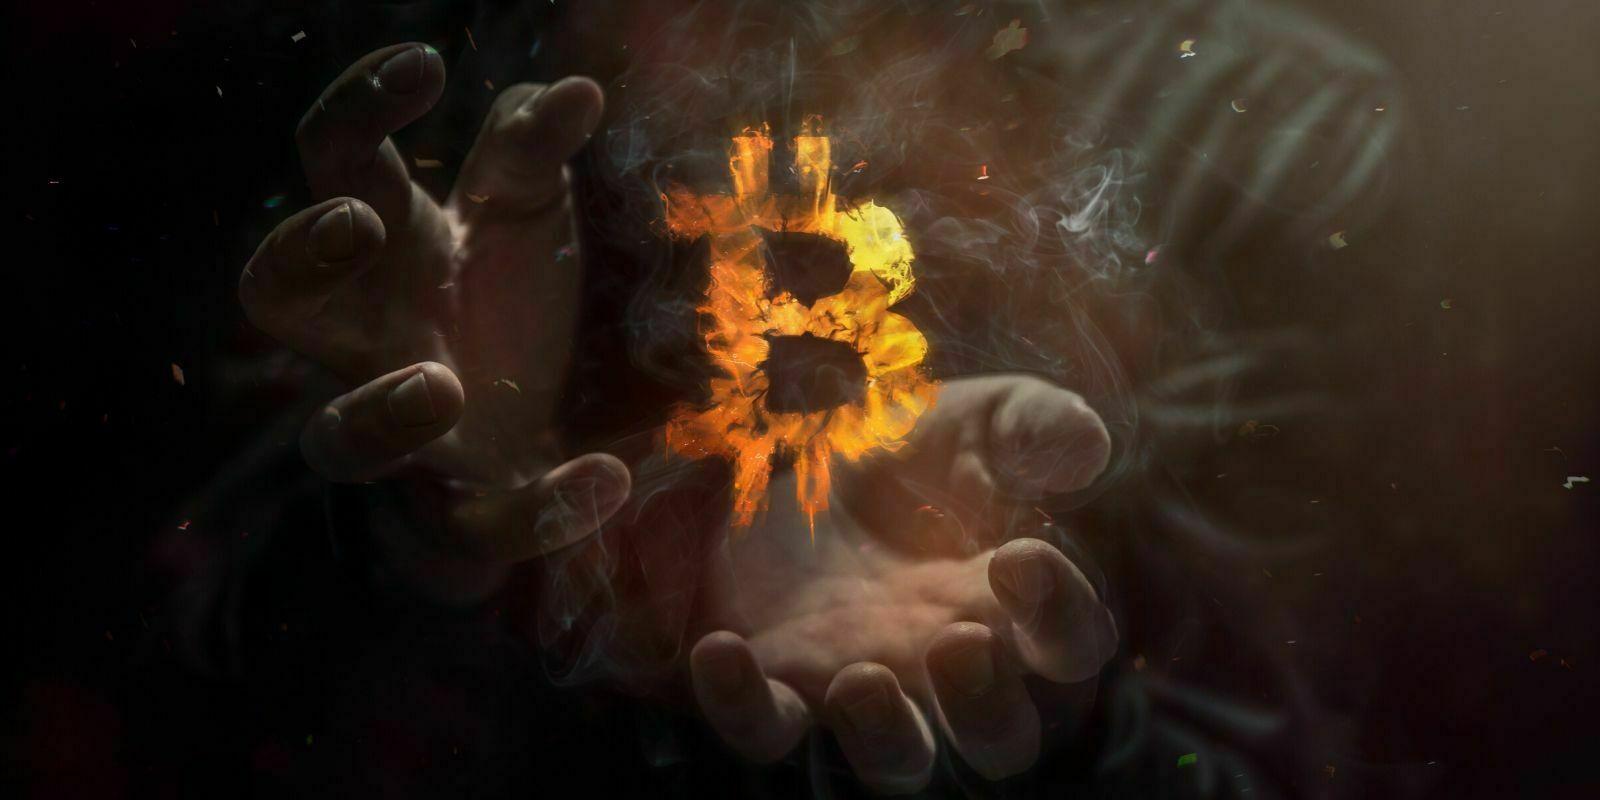 Bitcoin : le dernier bloc miné pré-halving comportait un message caché